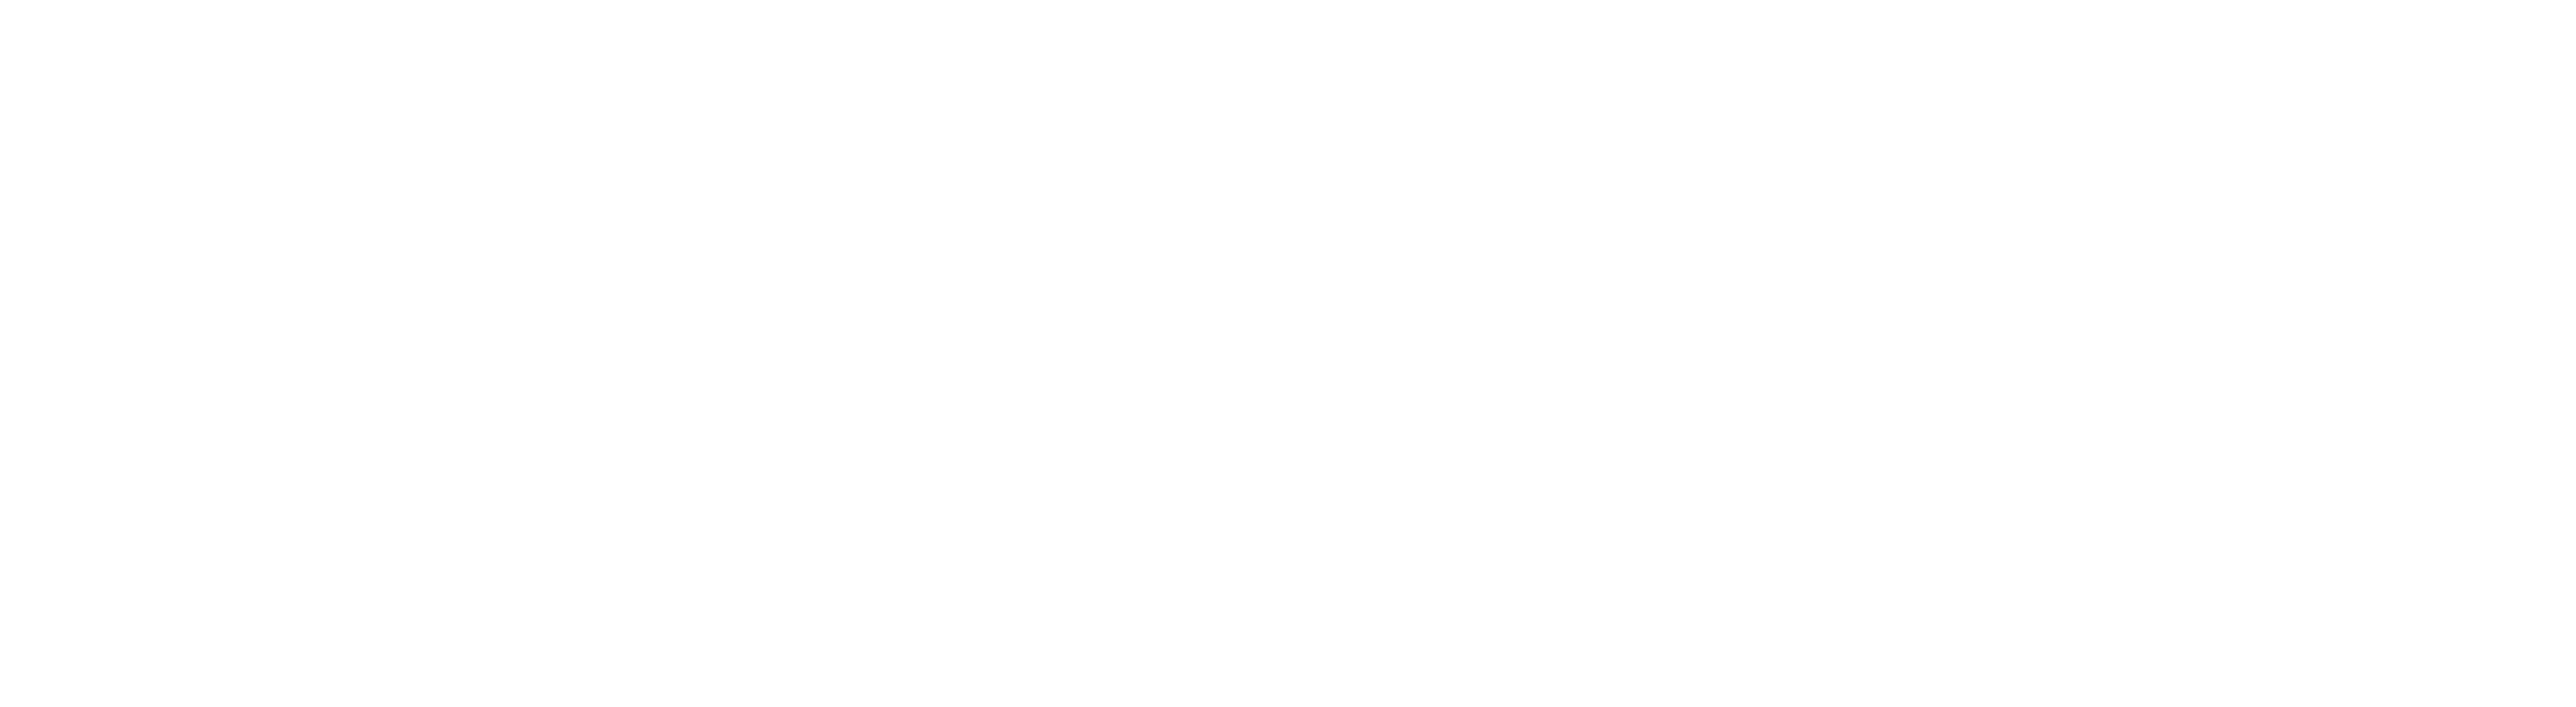 WW_Diego_de_Lemos_1985